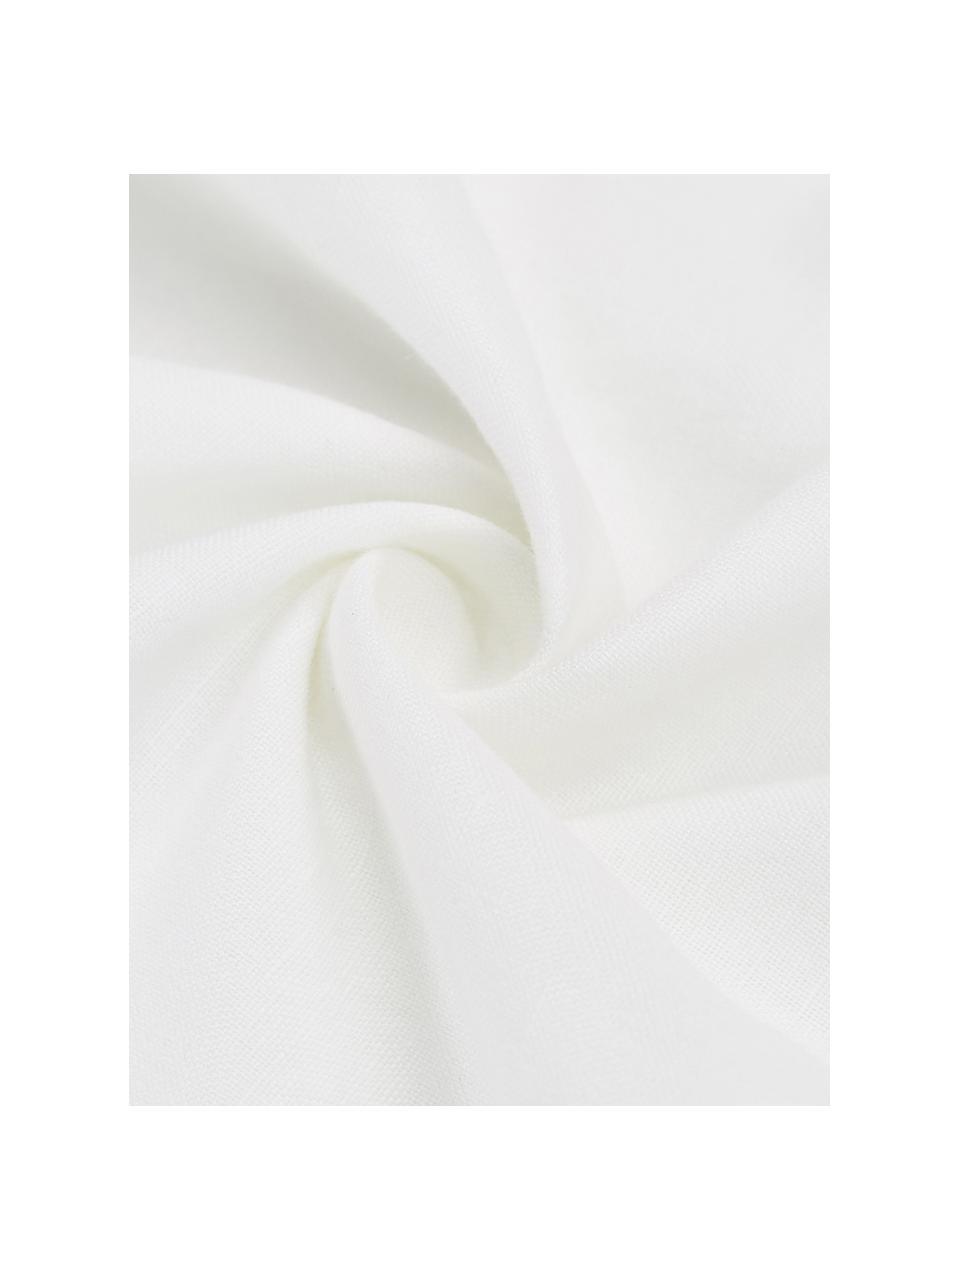 Gewaschene Leinen-Bettwäsche Eleanore in Weiß/Beige, Halbleinen (52% Leinen, 48% Baumwolle)  Fadendichte 136 TC, Standard Qualität  Halbleinen hat von Natur aus einen kernigen Griff und einen natürlichen Knitterlook, der durch den Stonewash-Effekt verstärkt wird. Es absorbiert bis zu 35% Luftfeuchtigkeit, trocknet sehr schnell und wirkt in Sommernächten angenehm kühlend. Die hohe Reißfestigkeit macht Halbleinen scheuerfest und strapazierfähig., Weiß, Beige, 240 x 220 cm + 2 Kissen 80 x 80 cm